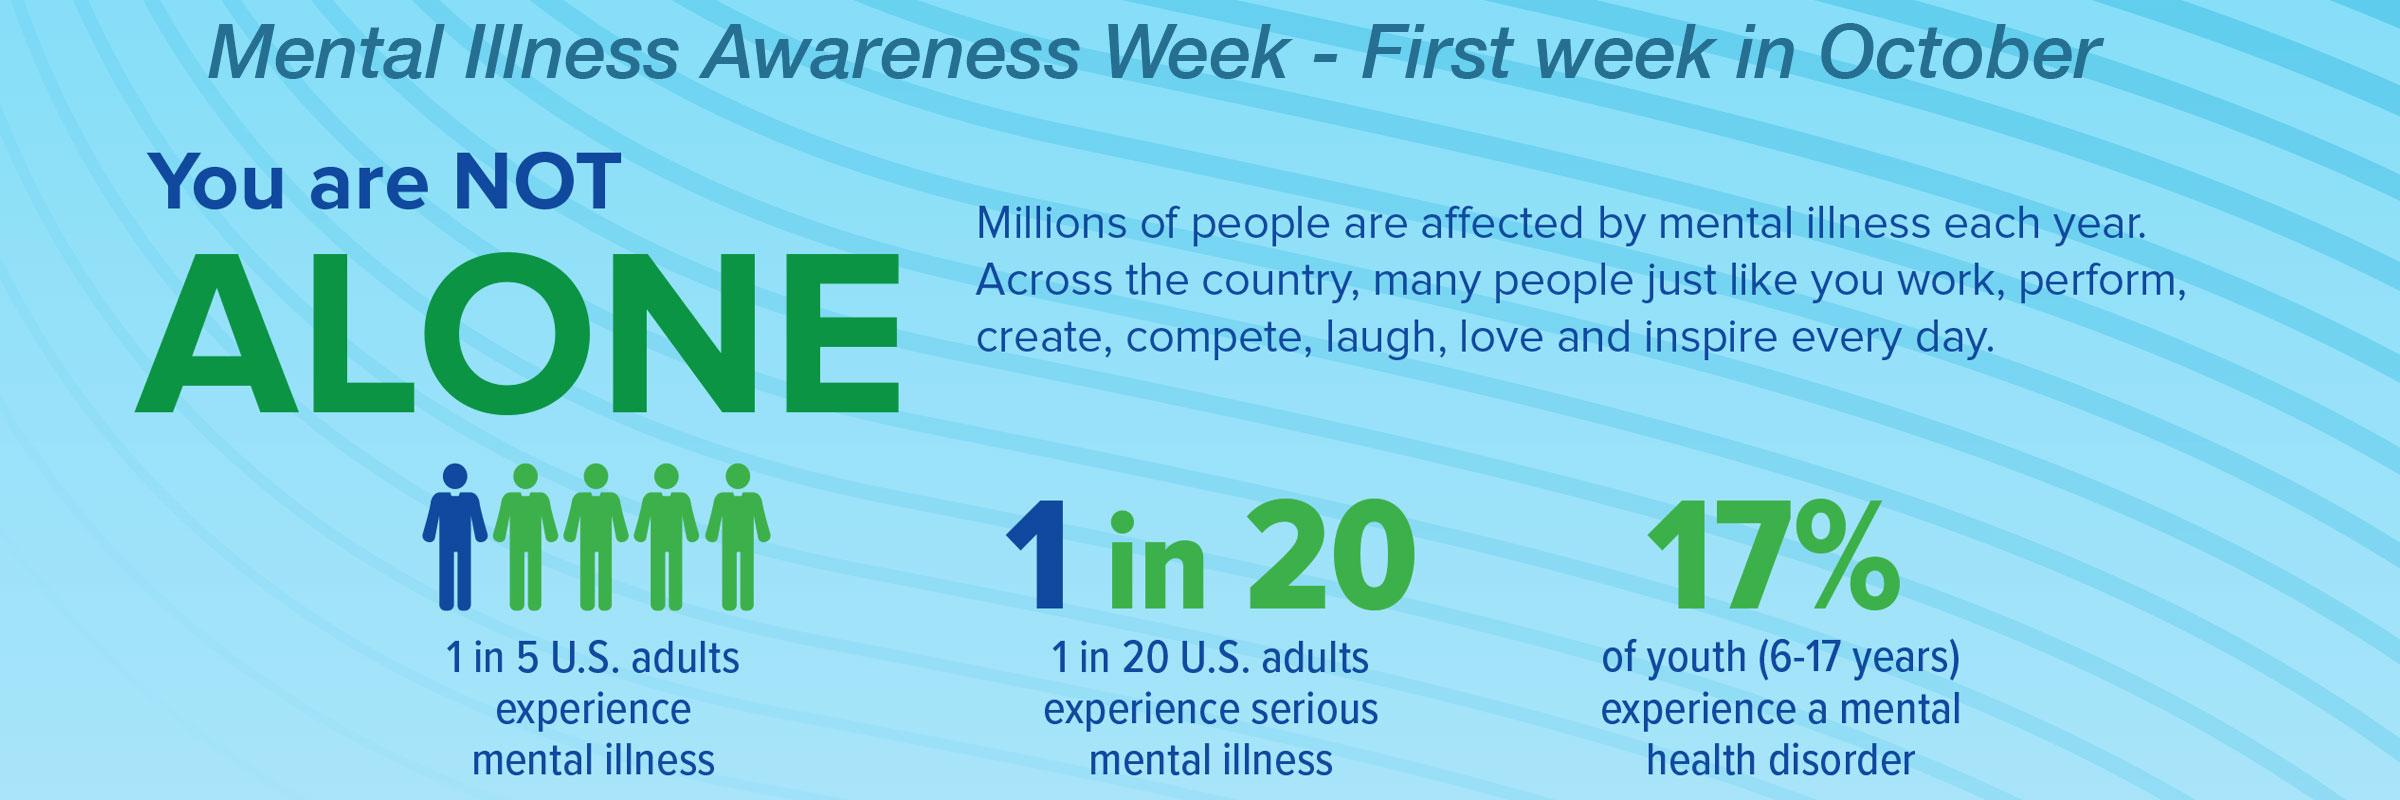 10-mental-awareness-week